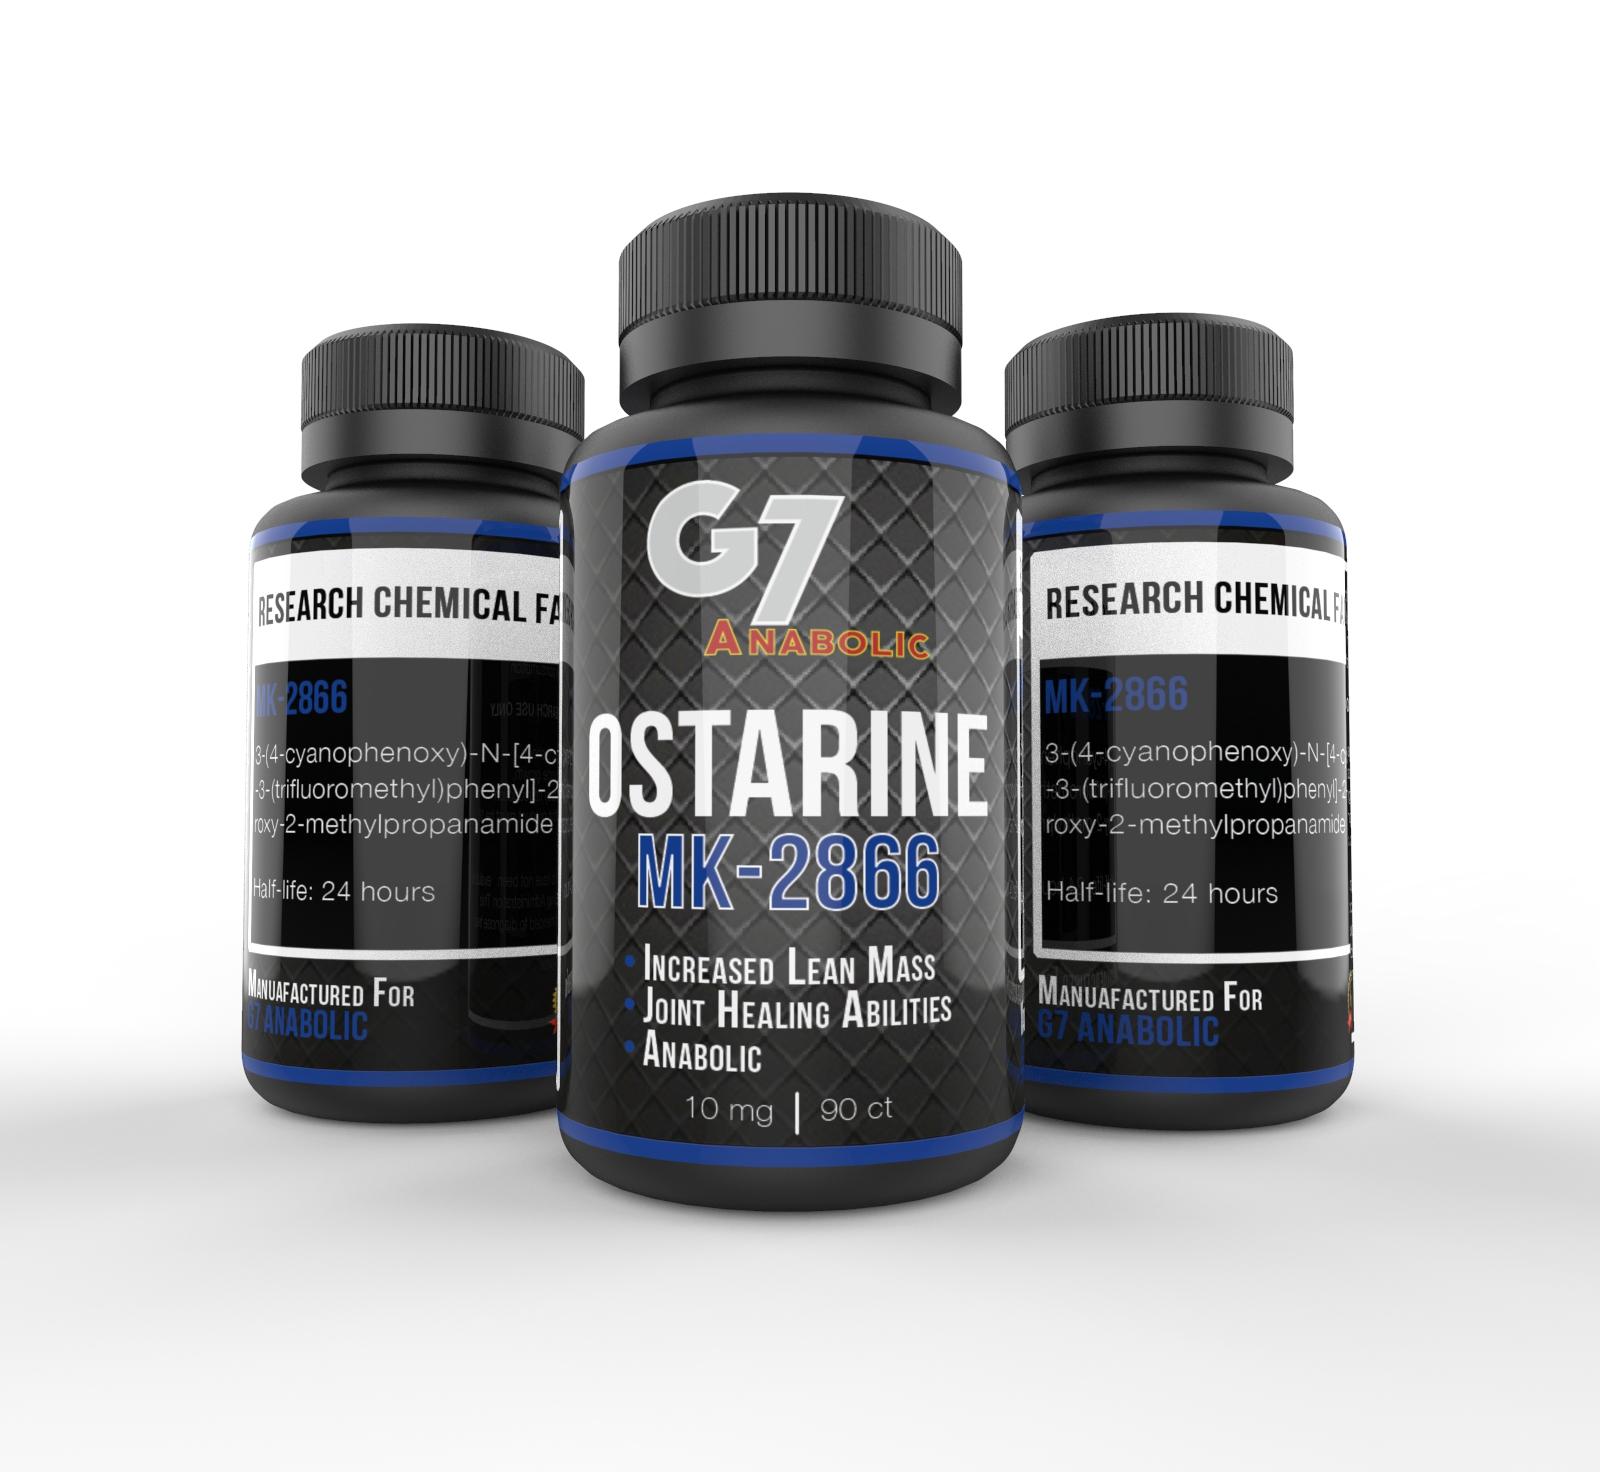 Ostarine MK-2866 Benefits & Side Effects – ELITEsSUPP